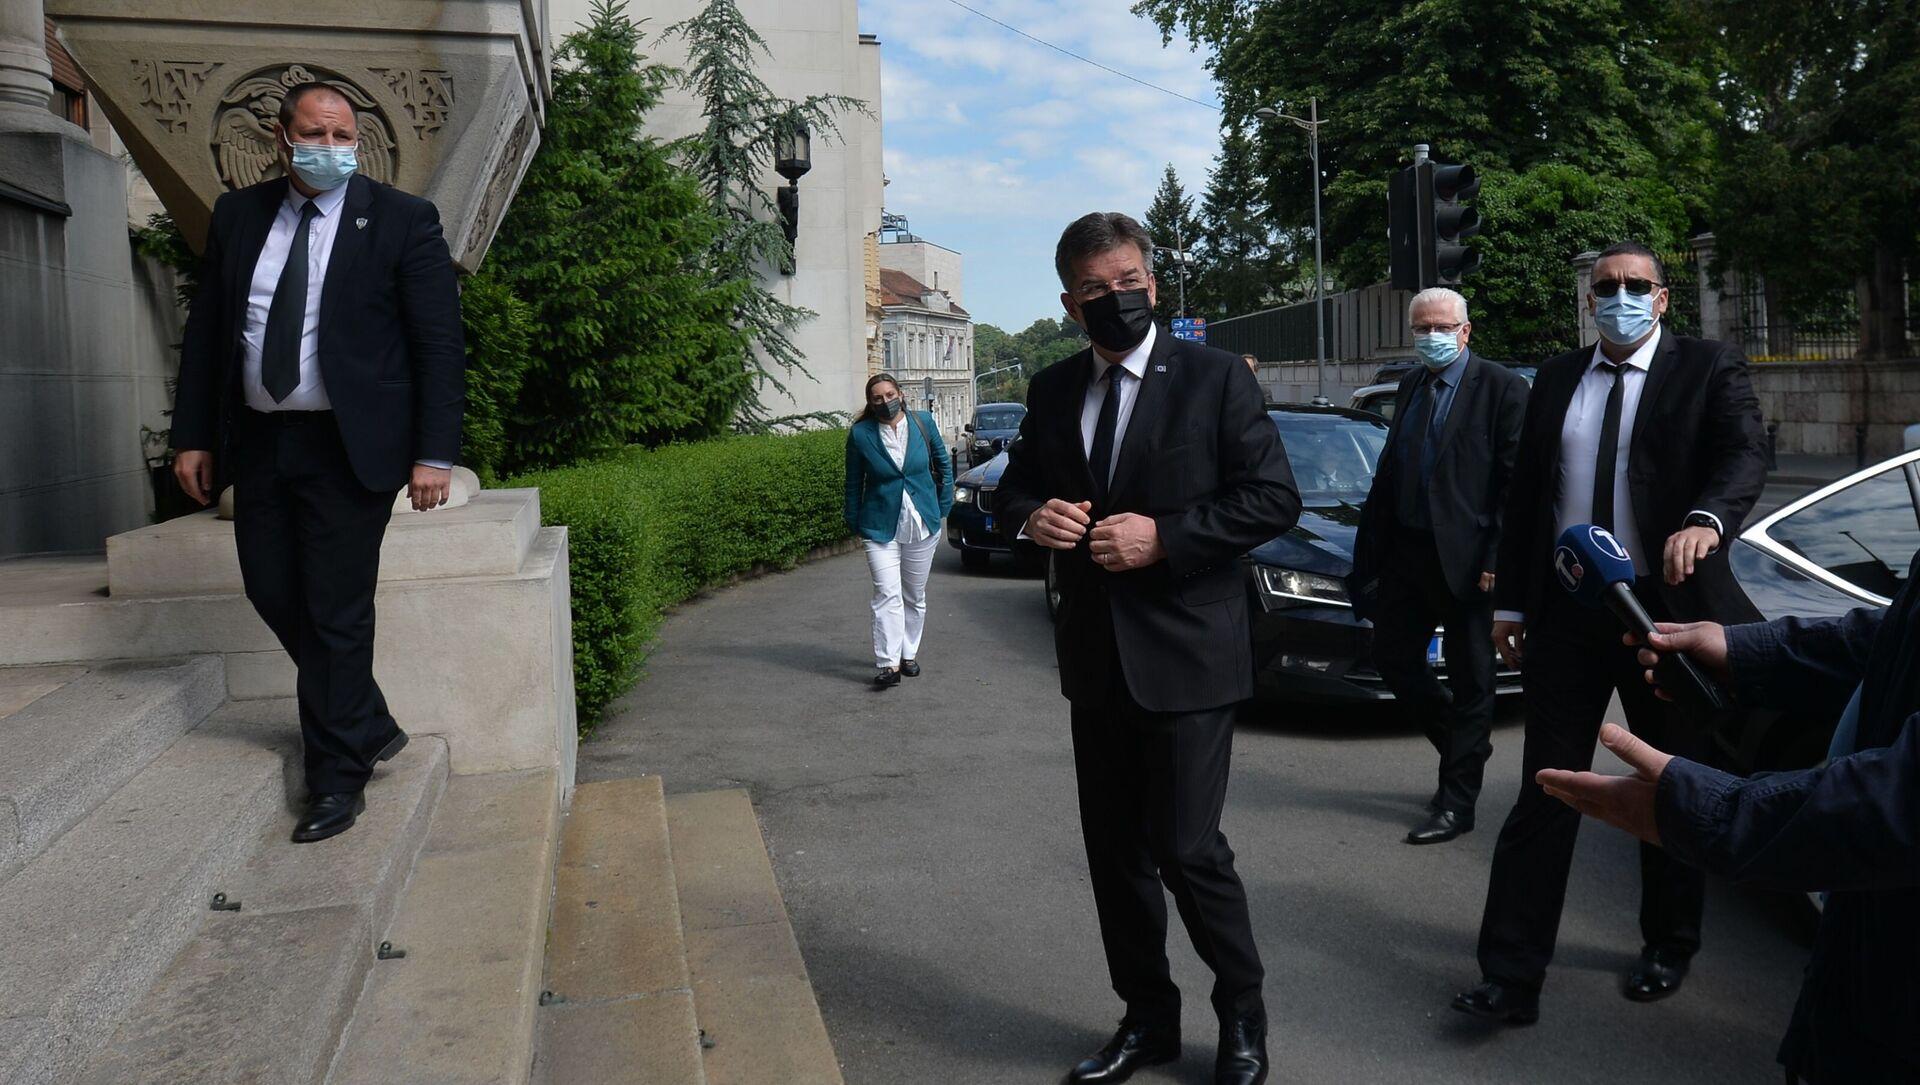 Мирослав Лајчак долази у Патријаршију на састанак са патријархом Порфиријем - Sputnik Србија, 1920, 04.06.2021